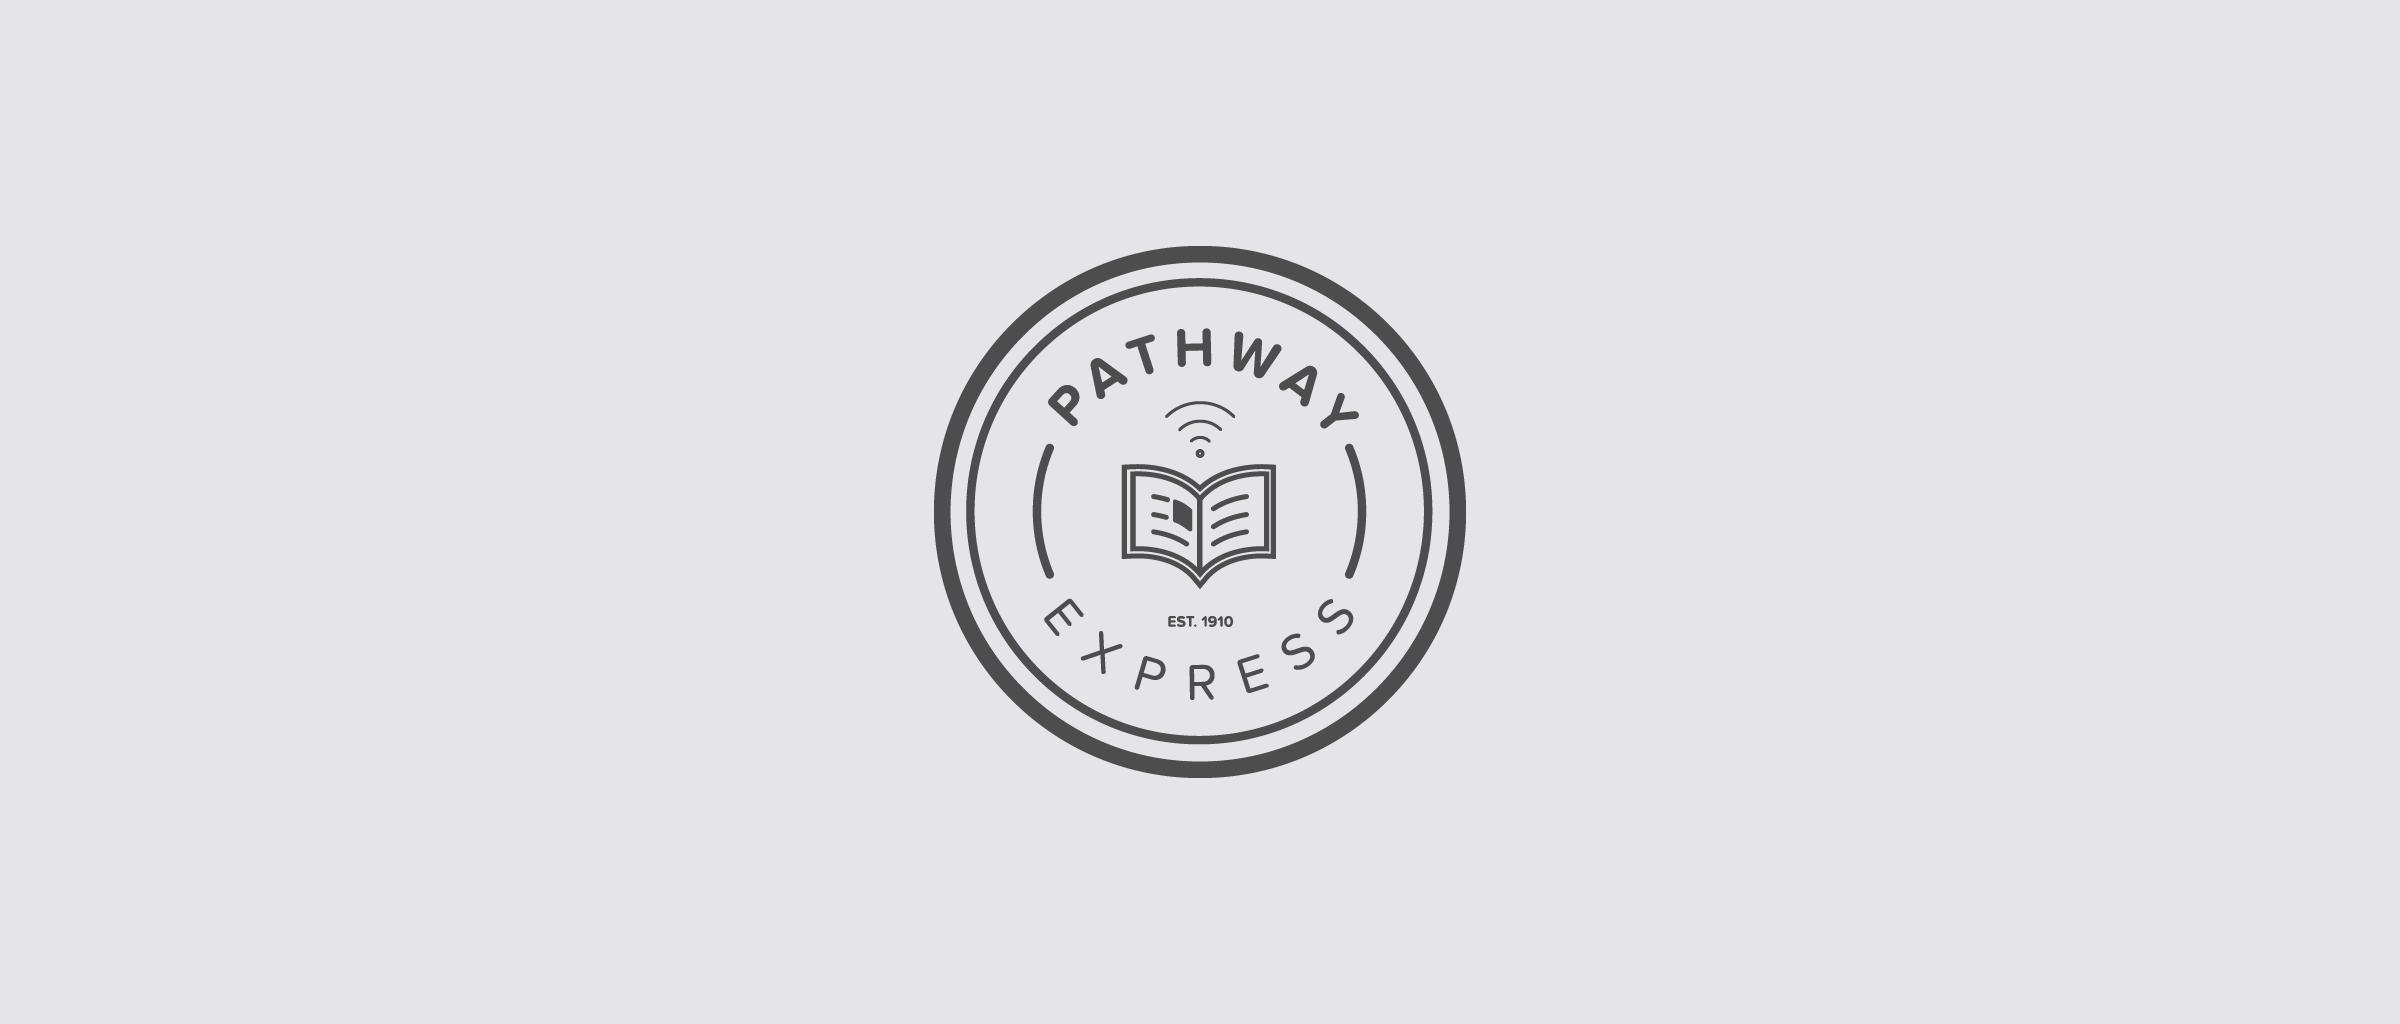 logo_pathway-express_bw.png